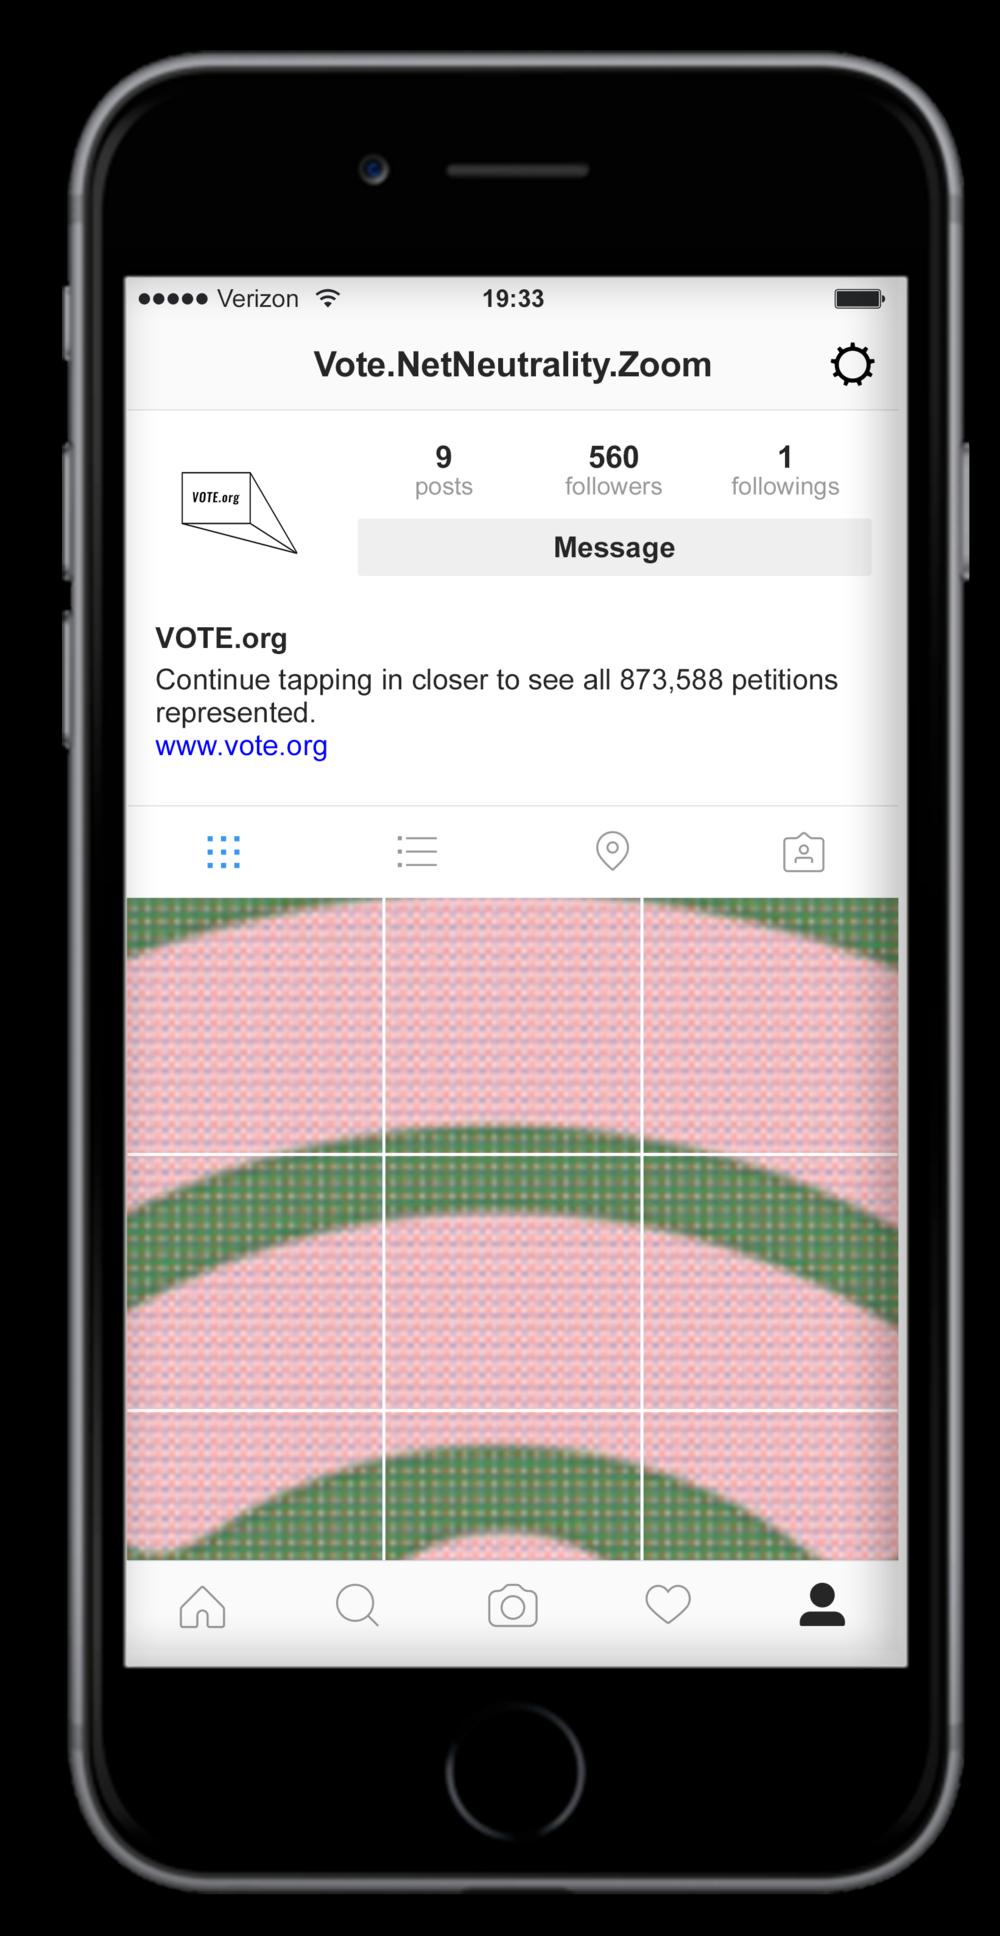 Vote.org IG 3.png